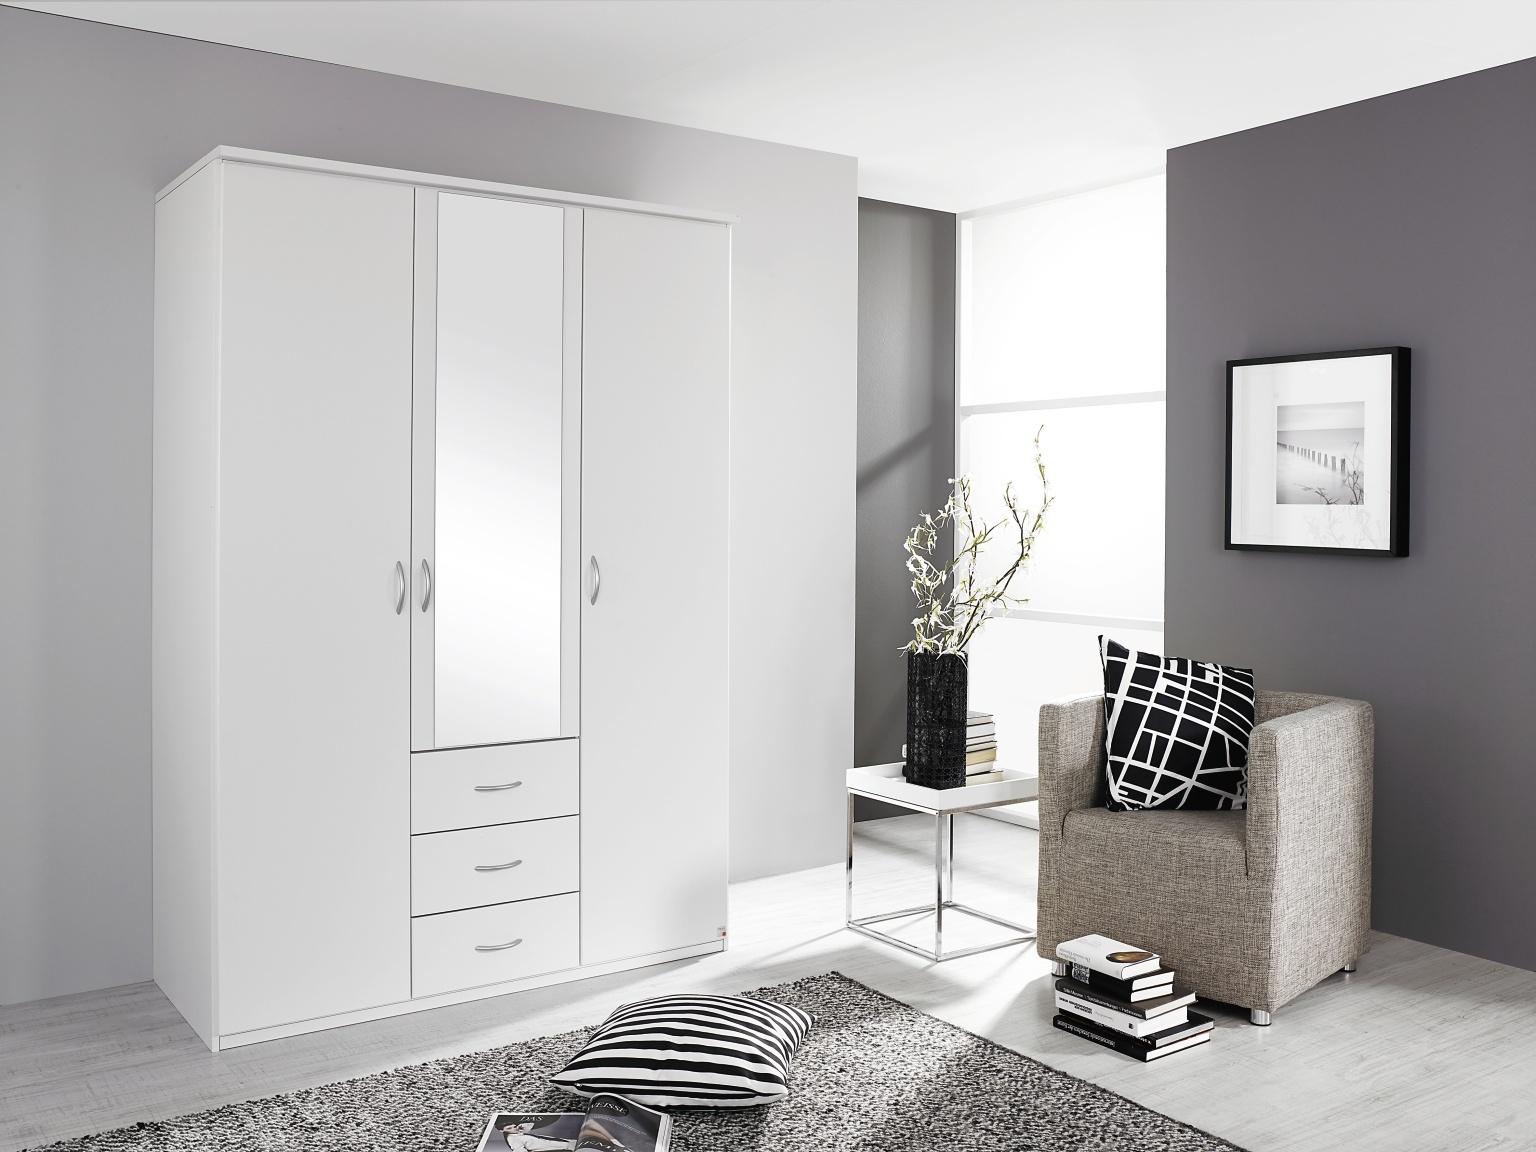 Rauch Blitz Alpine White 4 Door Wardrobe with 2 Mirrors